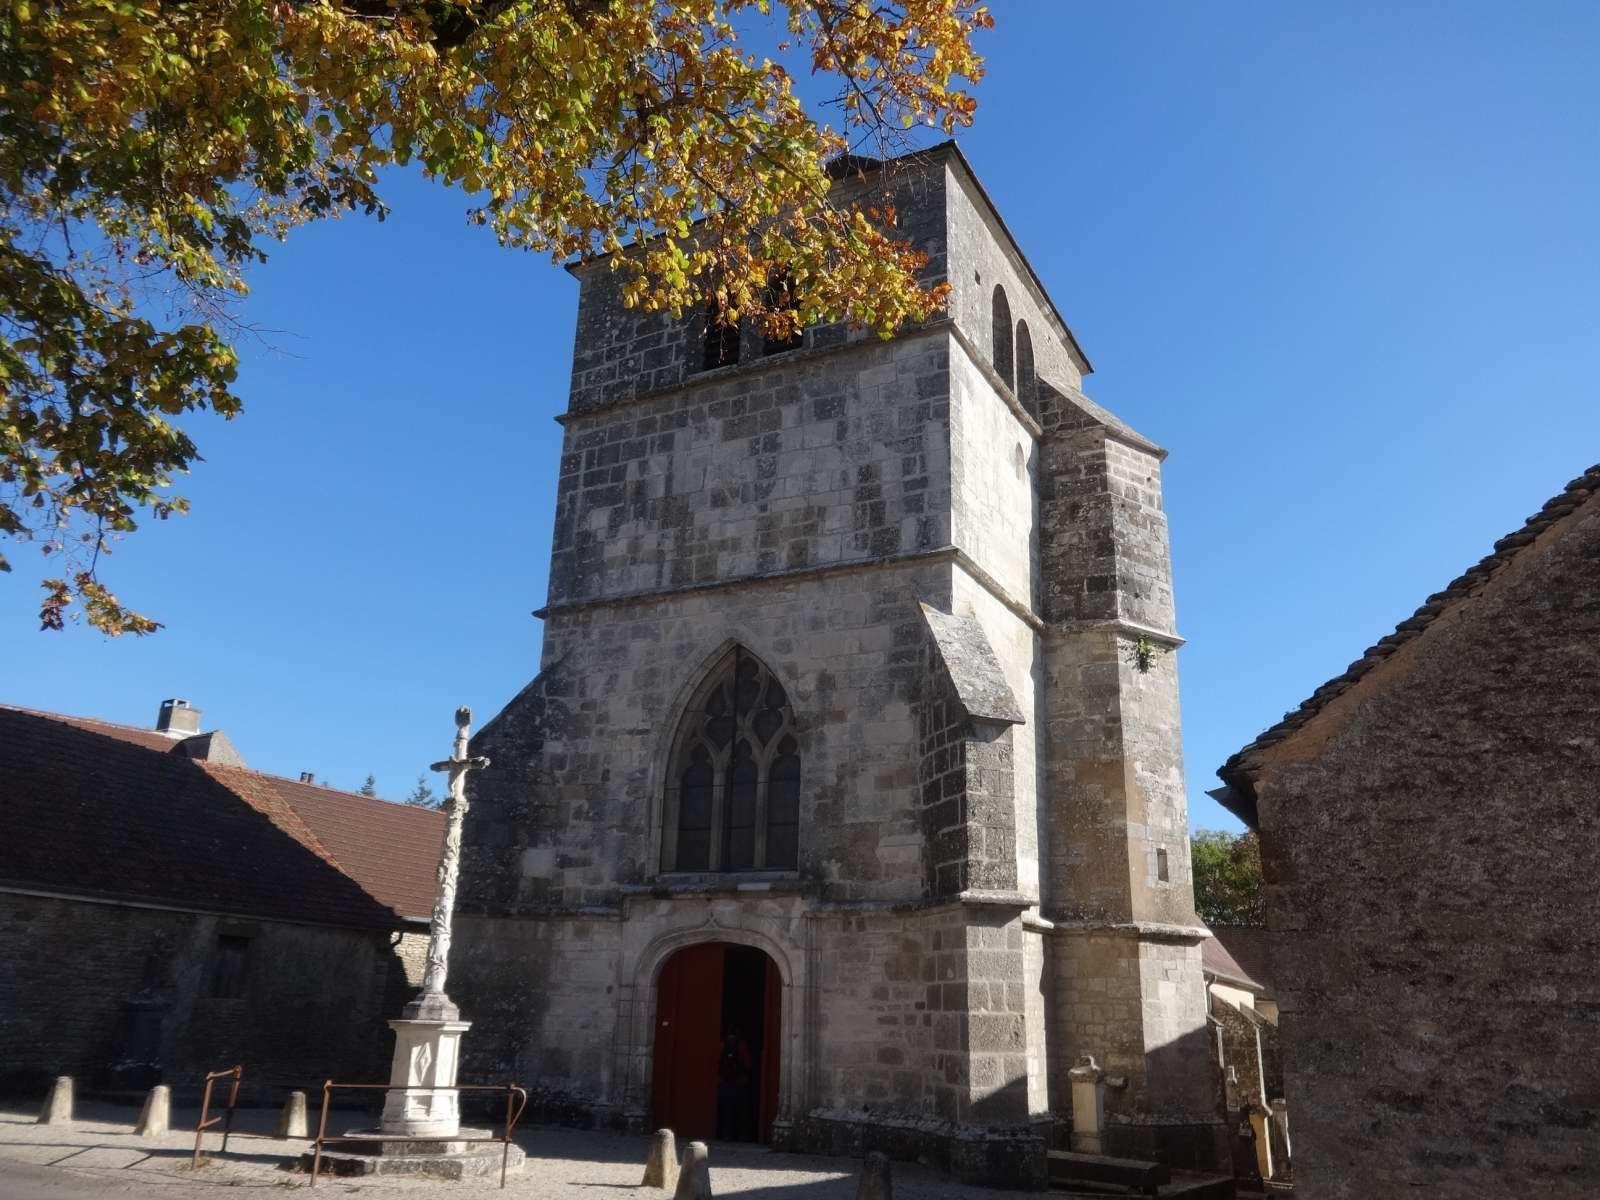 Autour de St-Romain (27/10/2016)